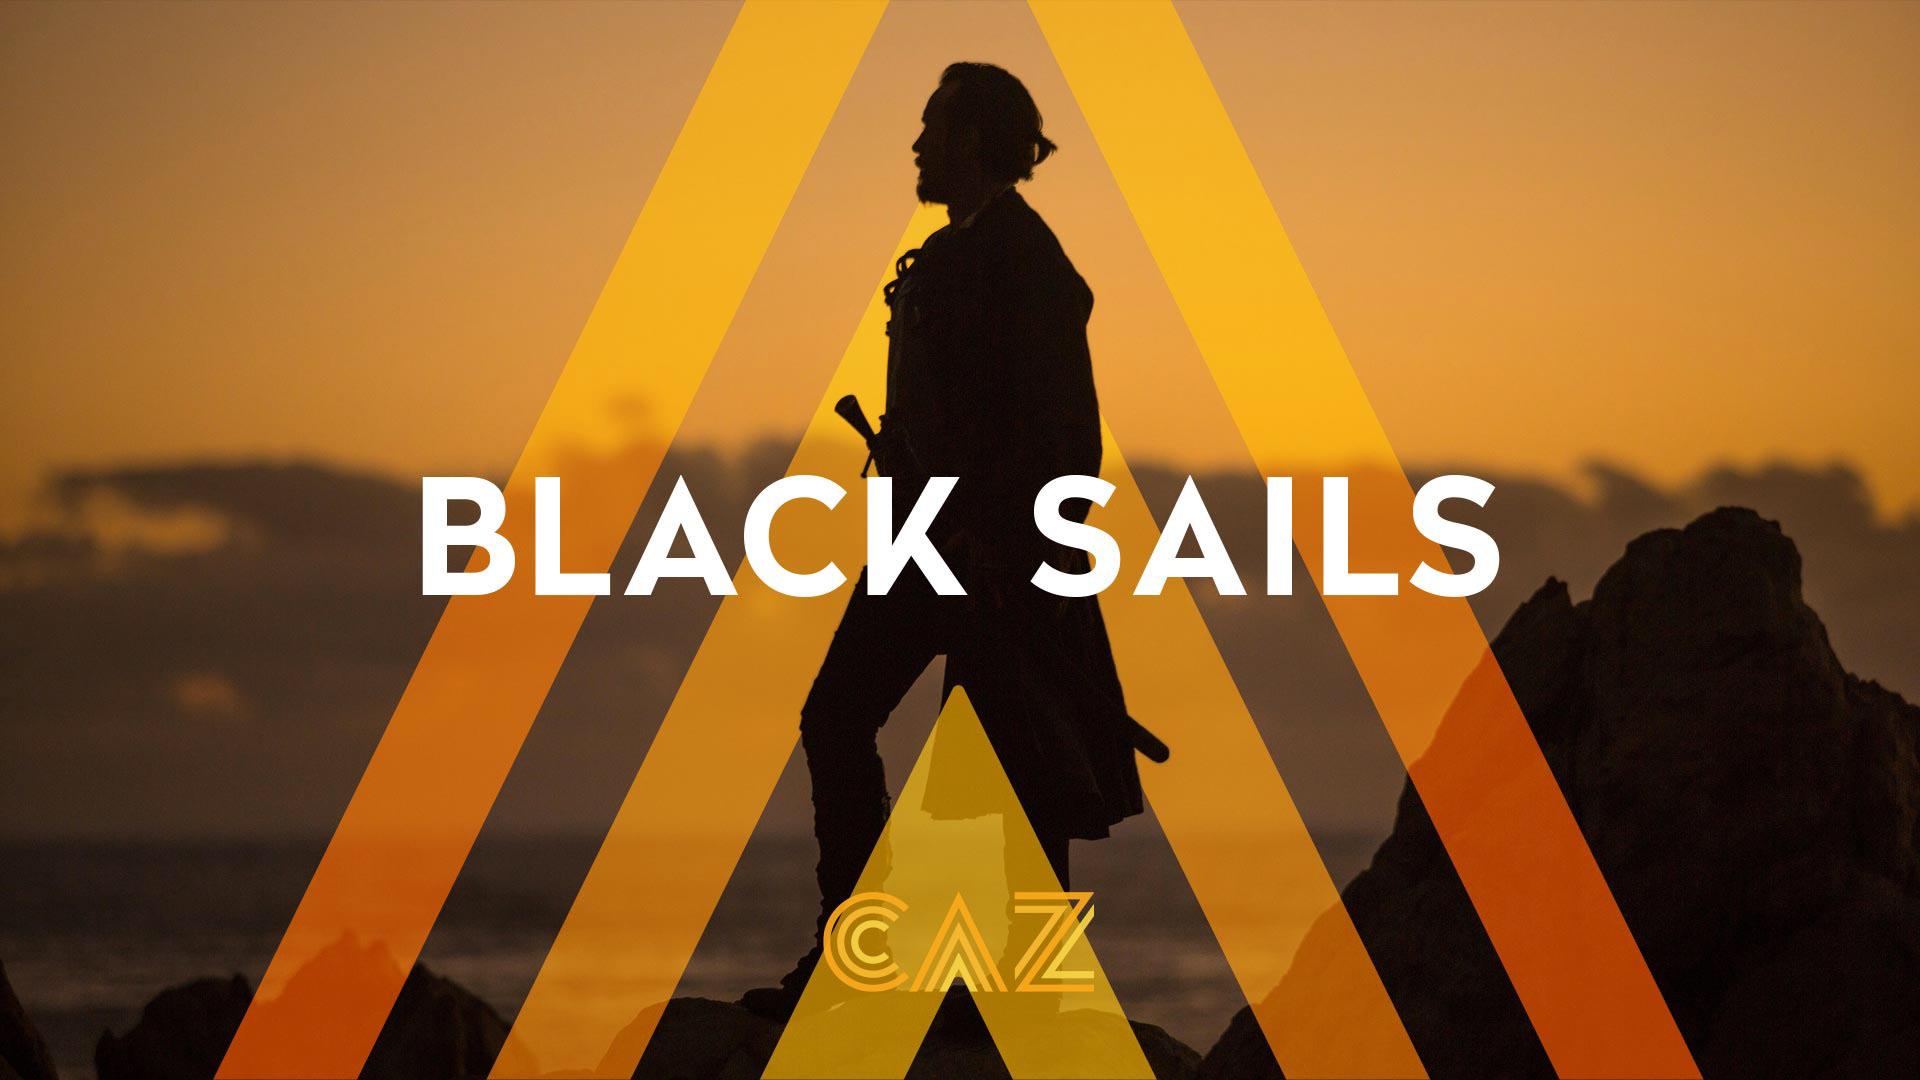 CAZ Black Sails opener leader ident frame tv